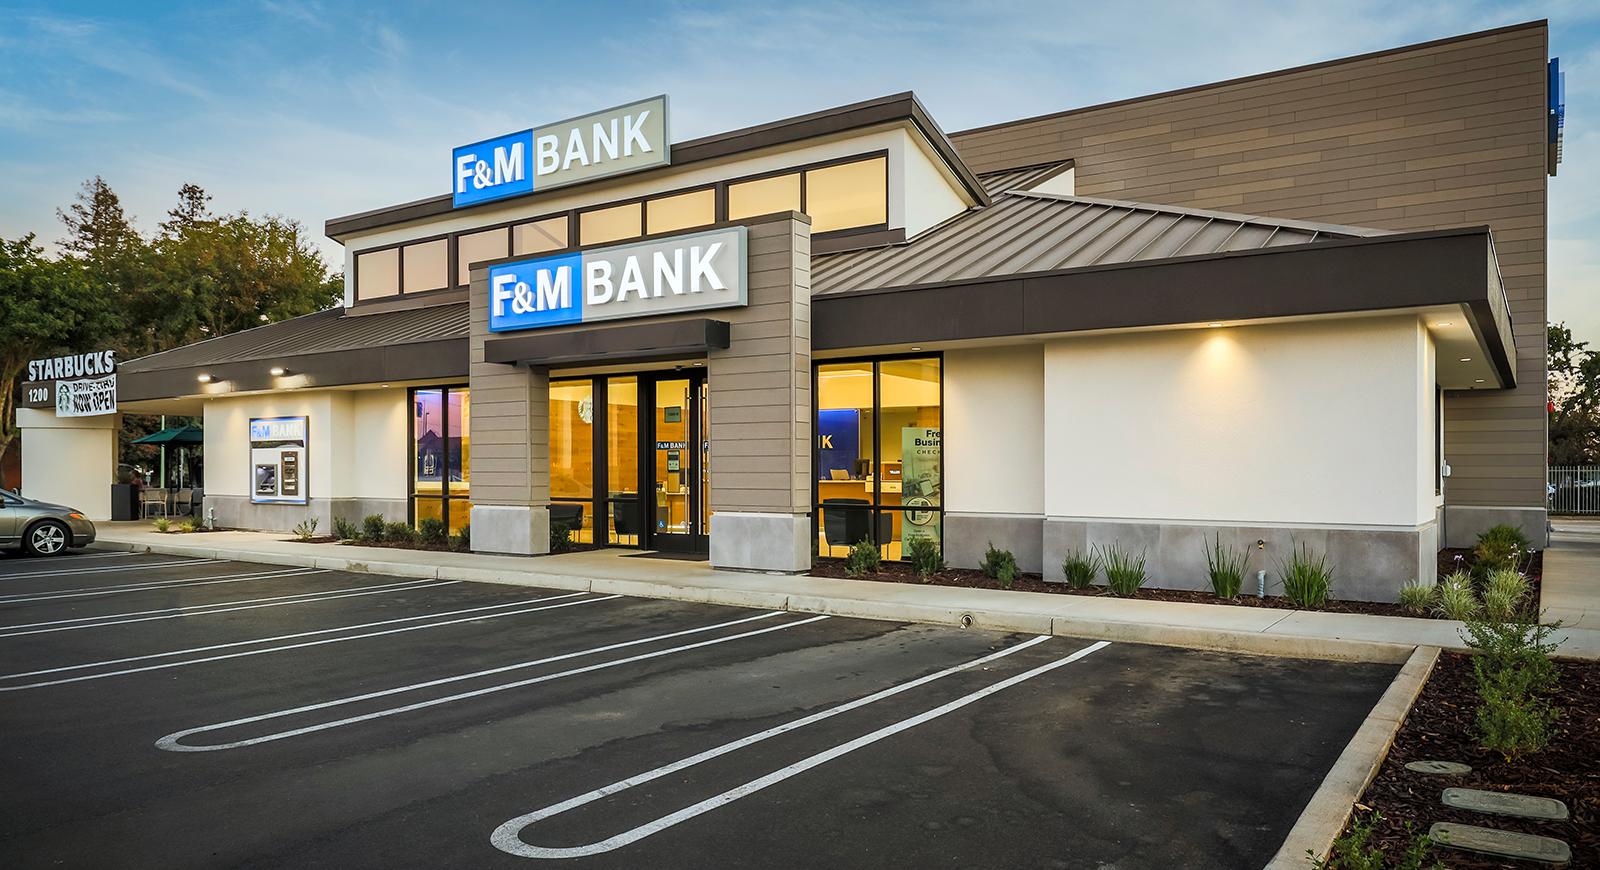 F&M Bank Commercial Construction General Contractors Galt